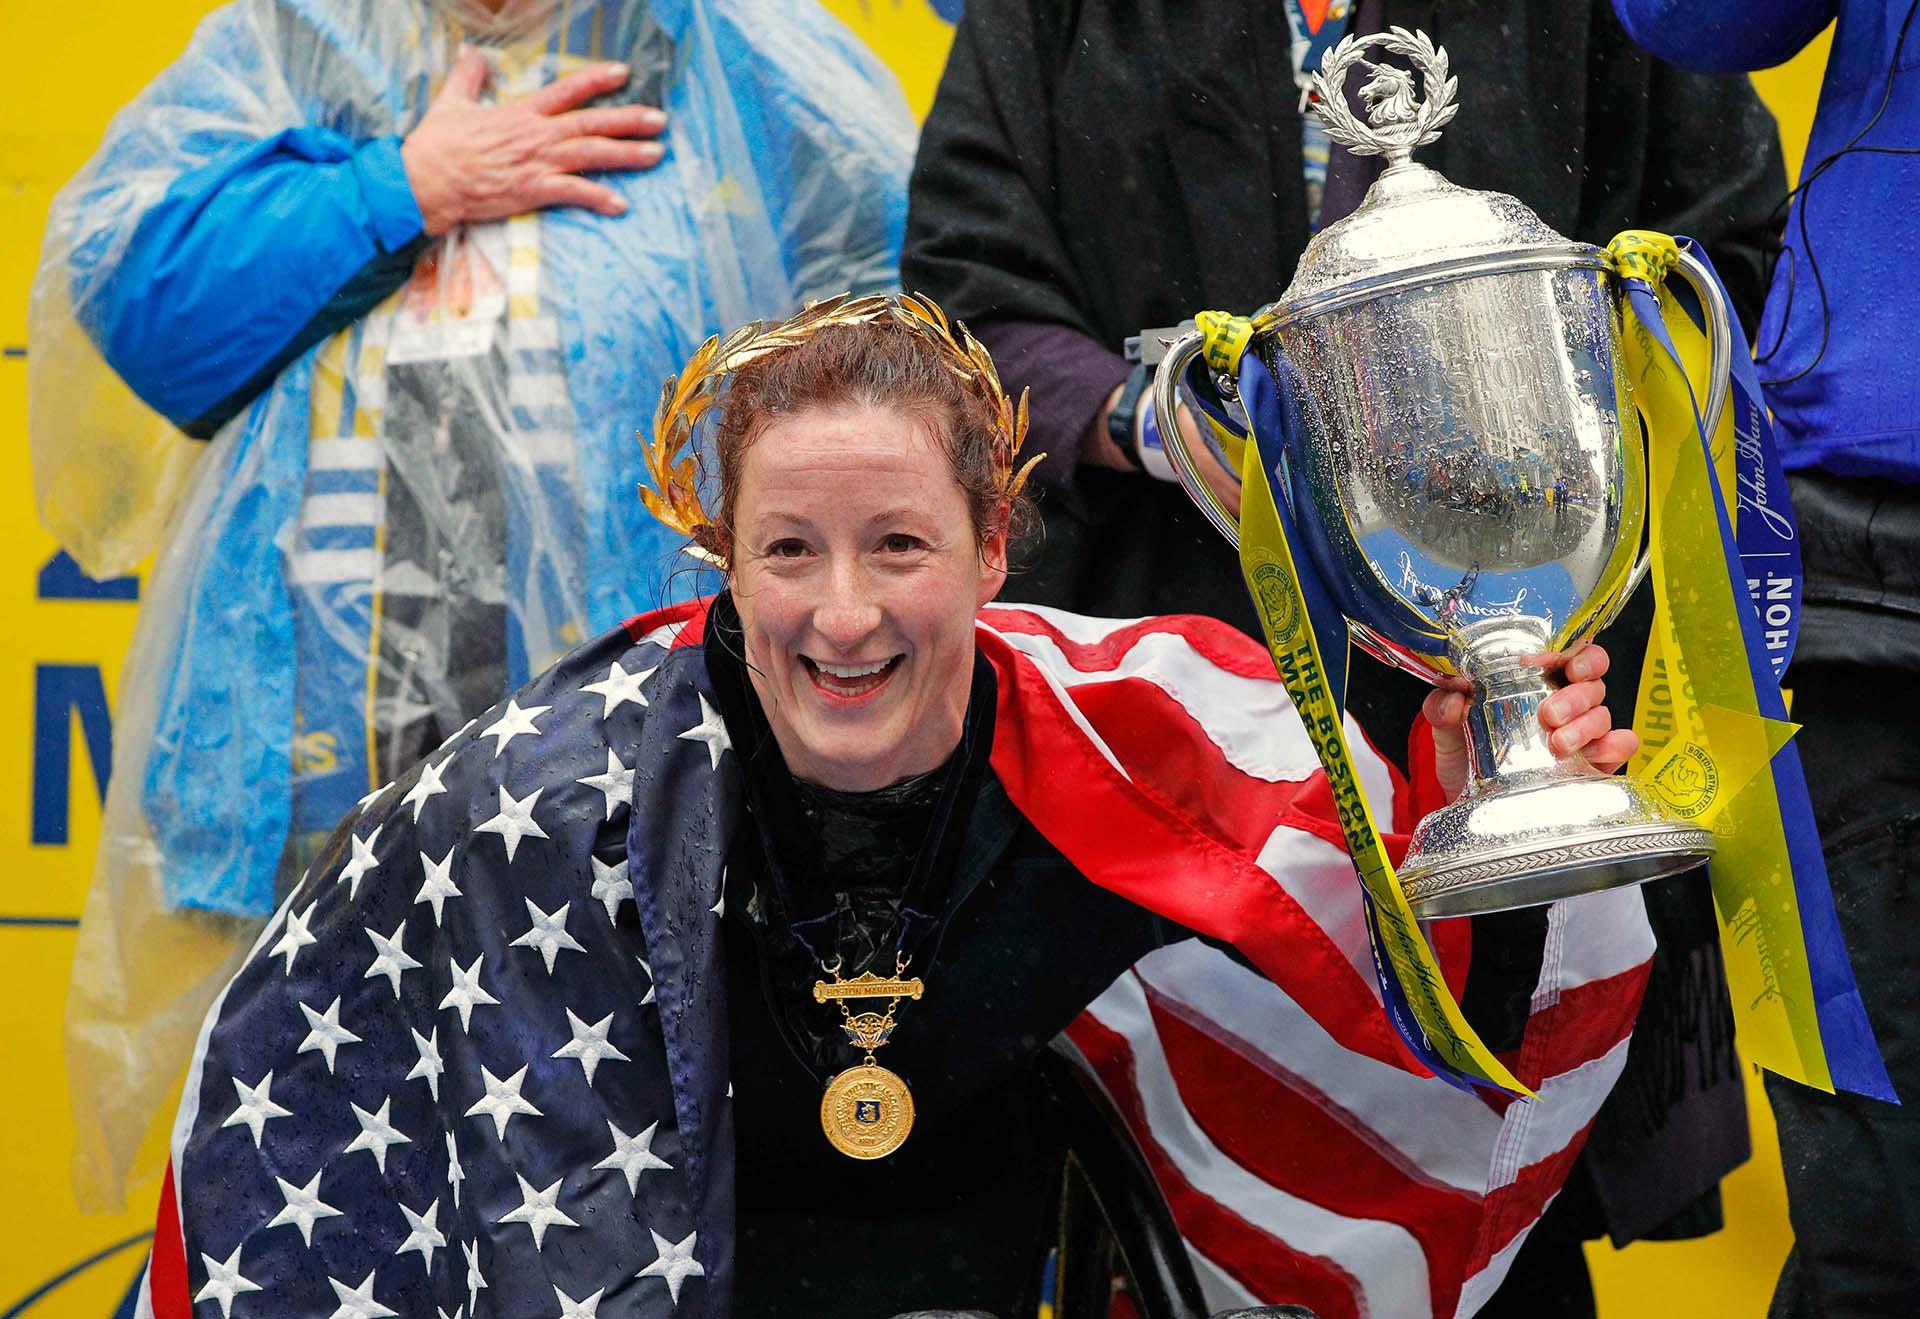 La estadounidense Tatyana McFadden también cumplió con los pronósticos y venció por quinta vez consecutiva en la prueba de mujeres con un tiempo de 2h4:41